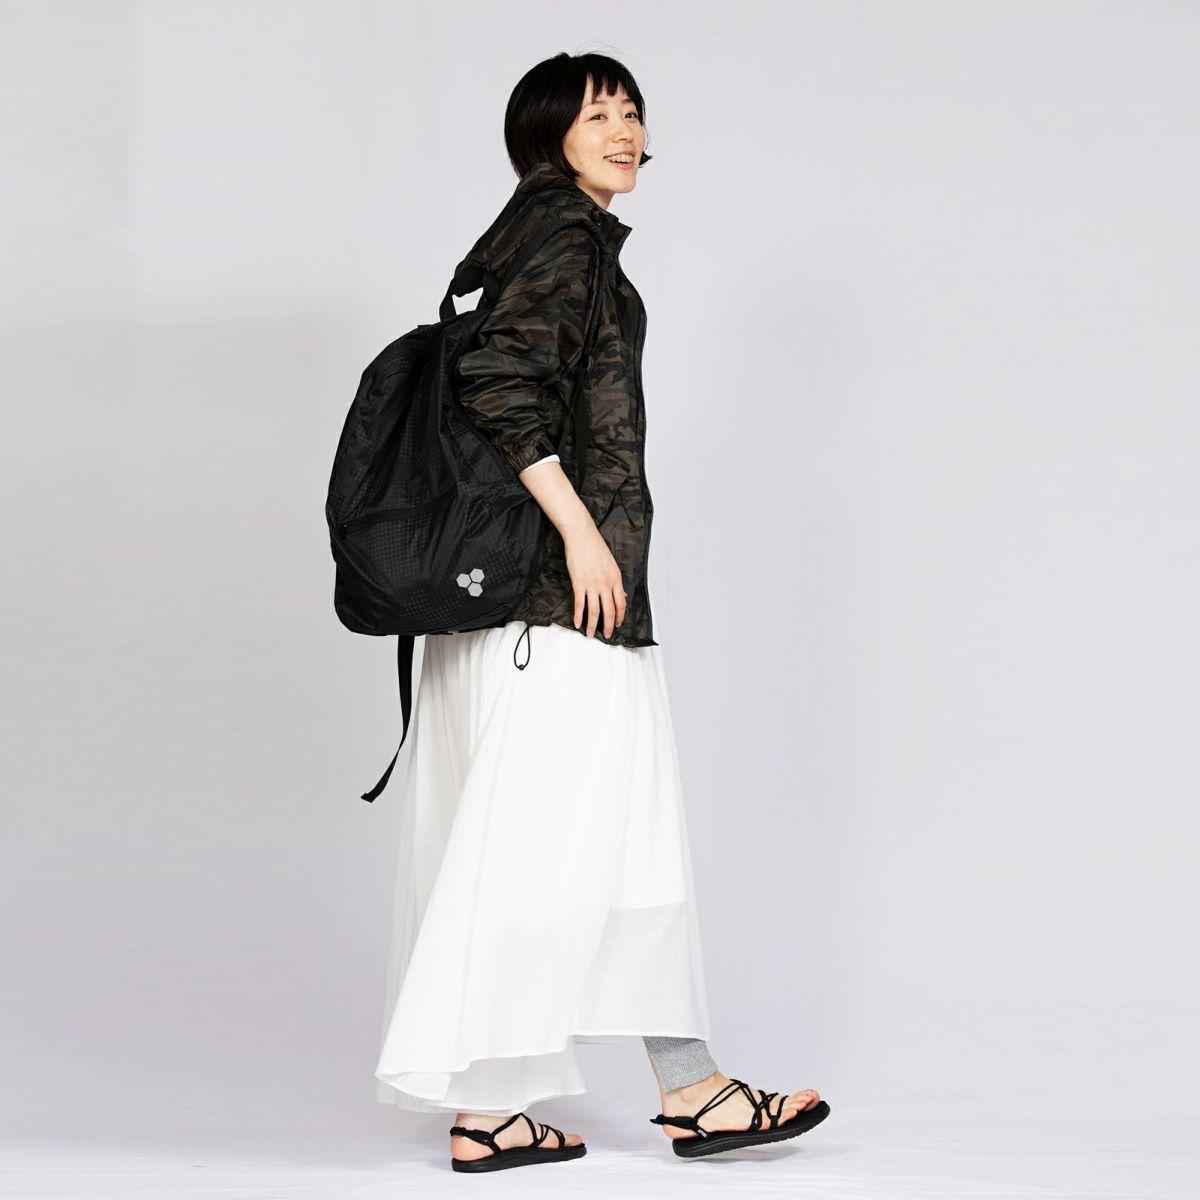 [女性モデルのサイズ]身長:168cm 着用サイズ:M